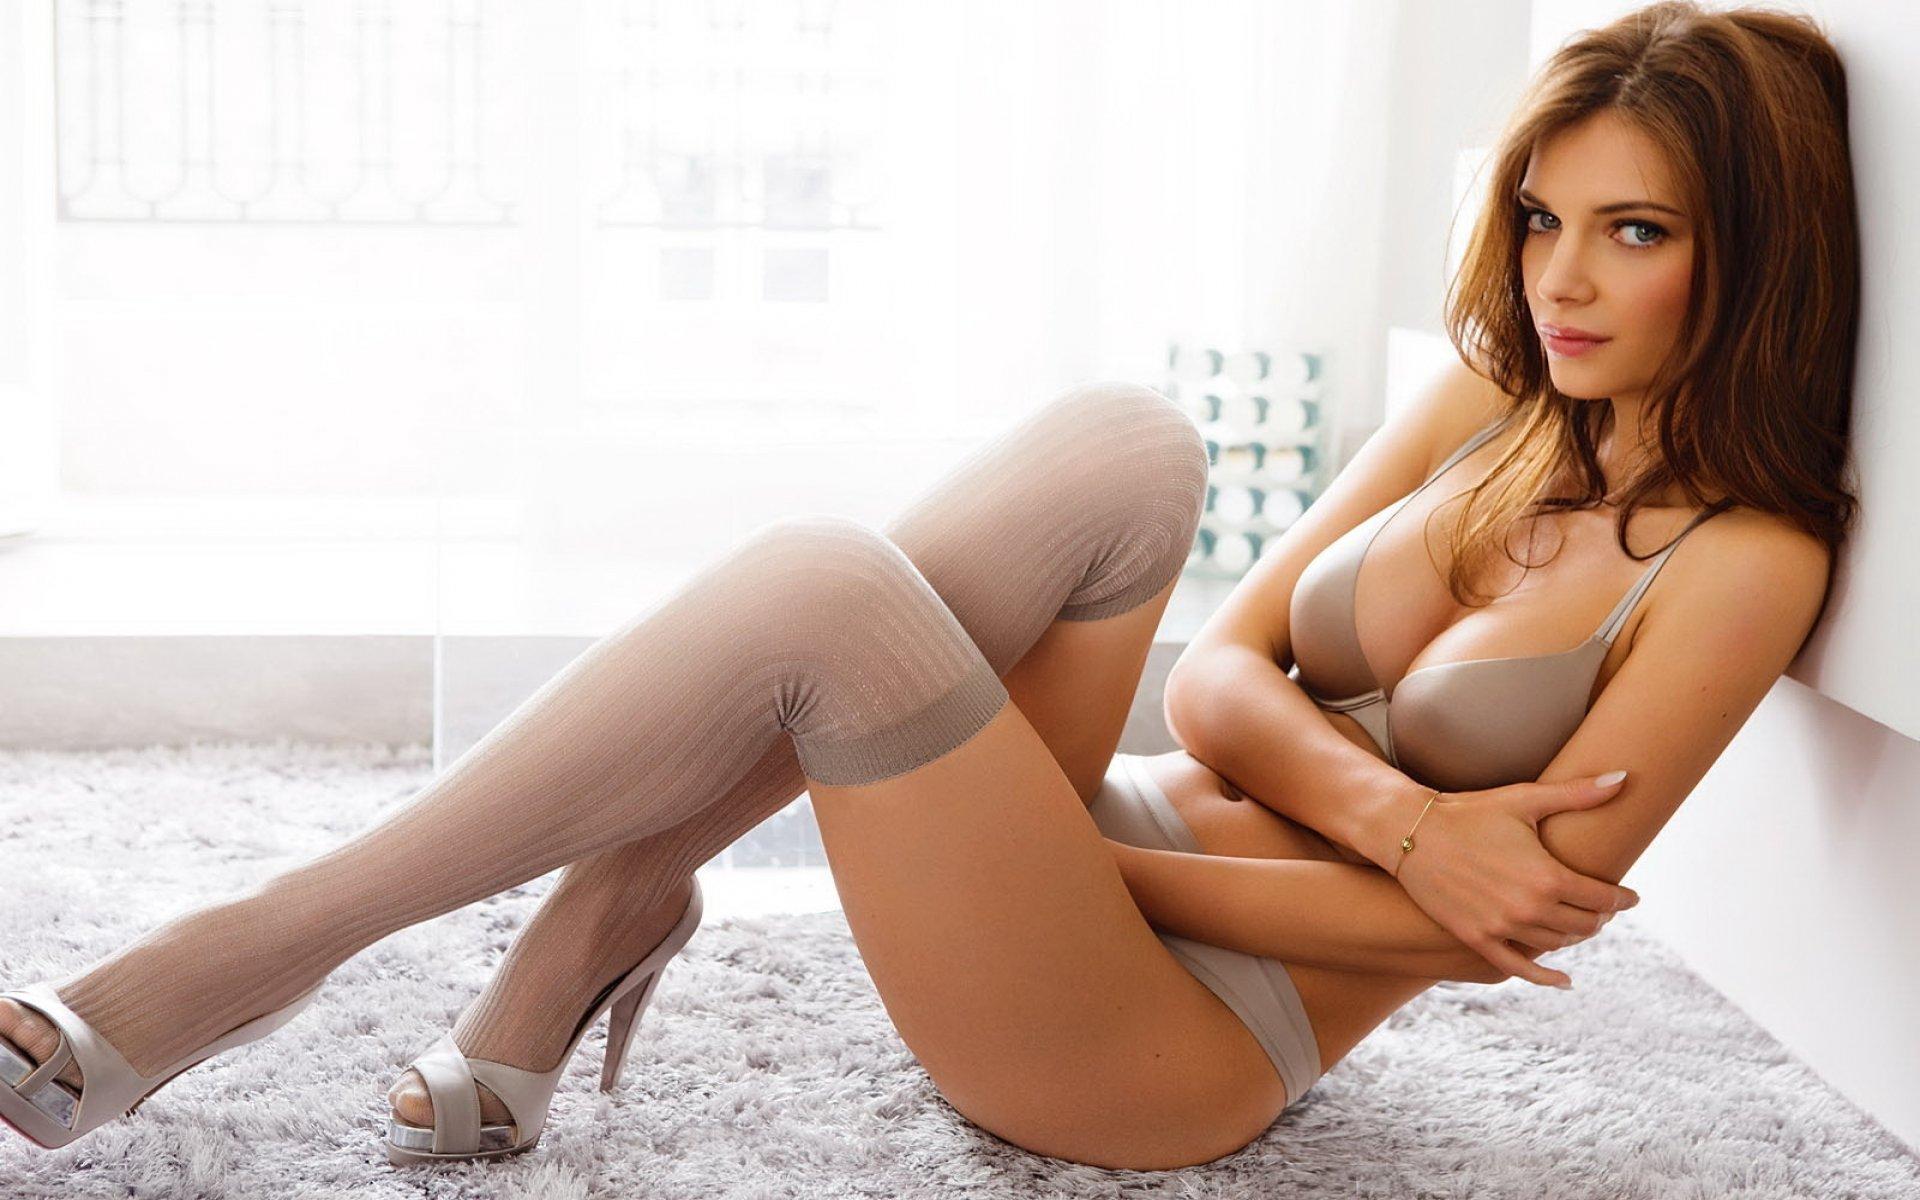 Порно видео очень красивых женщин  фотография